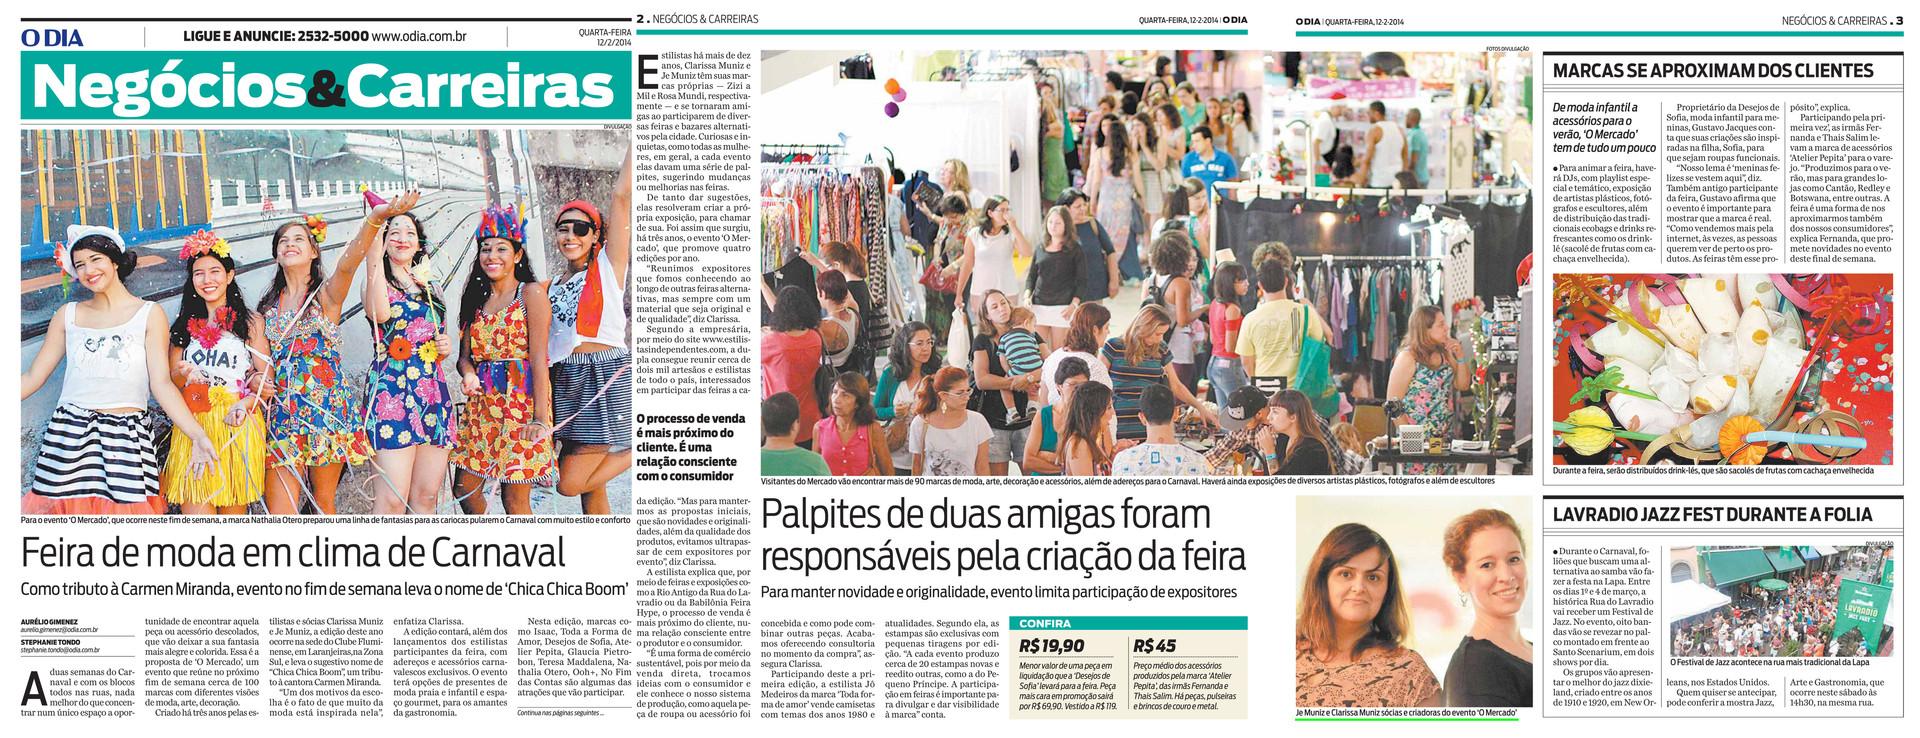 1202 - Jornal O Dia - Negocios e Carreir